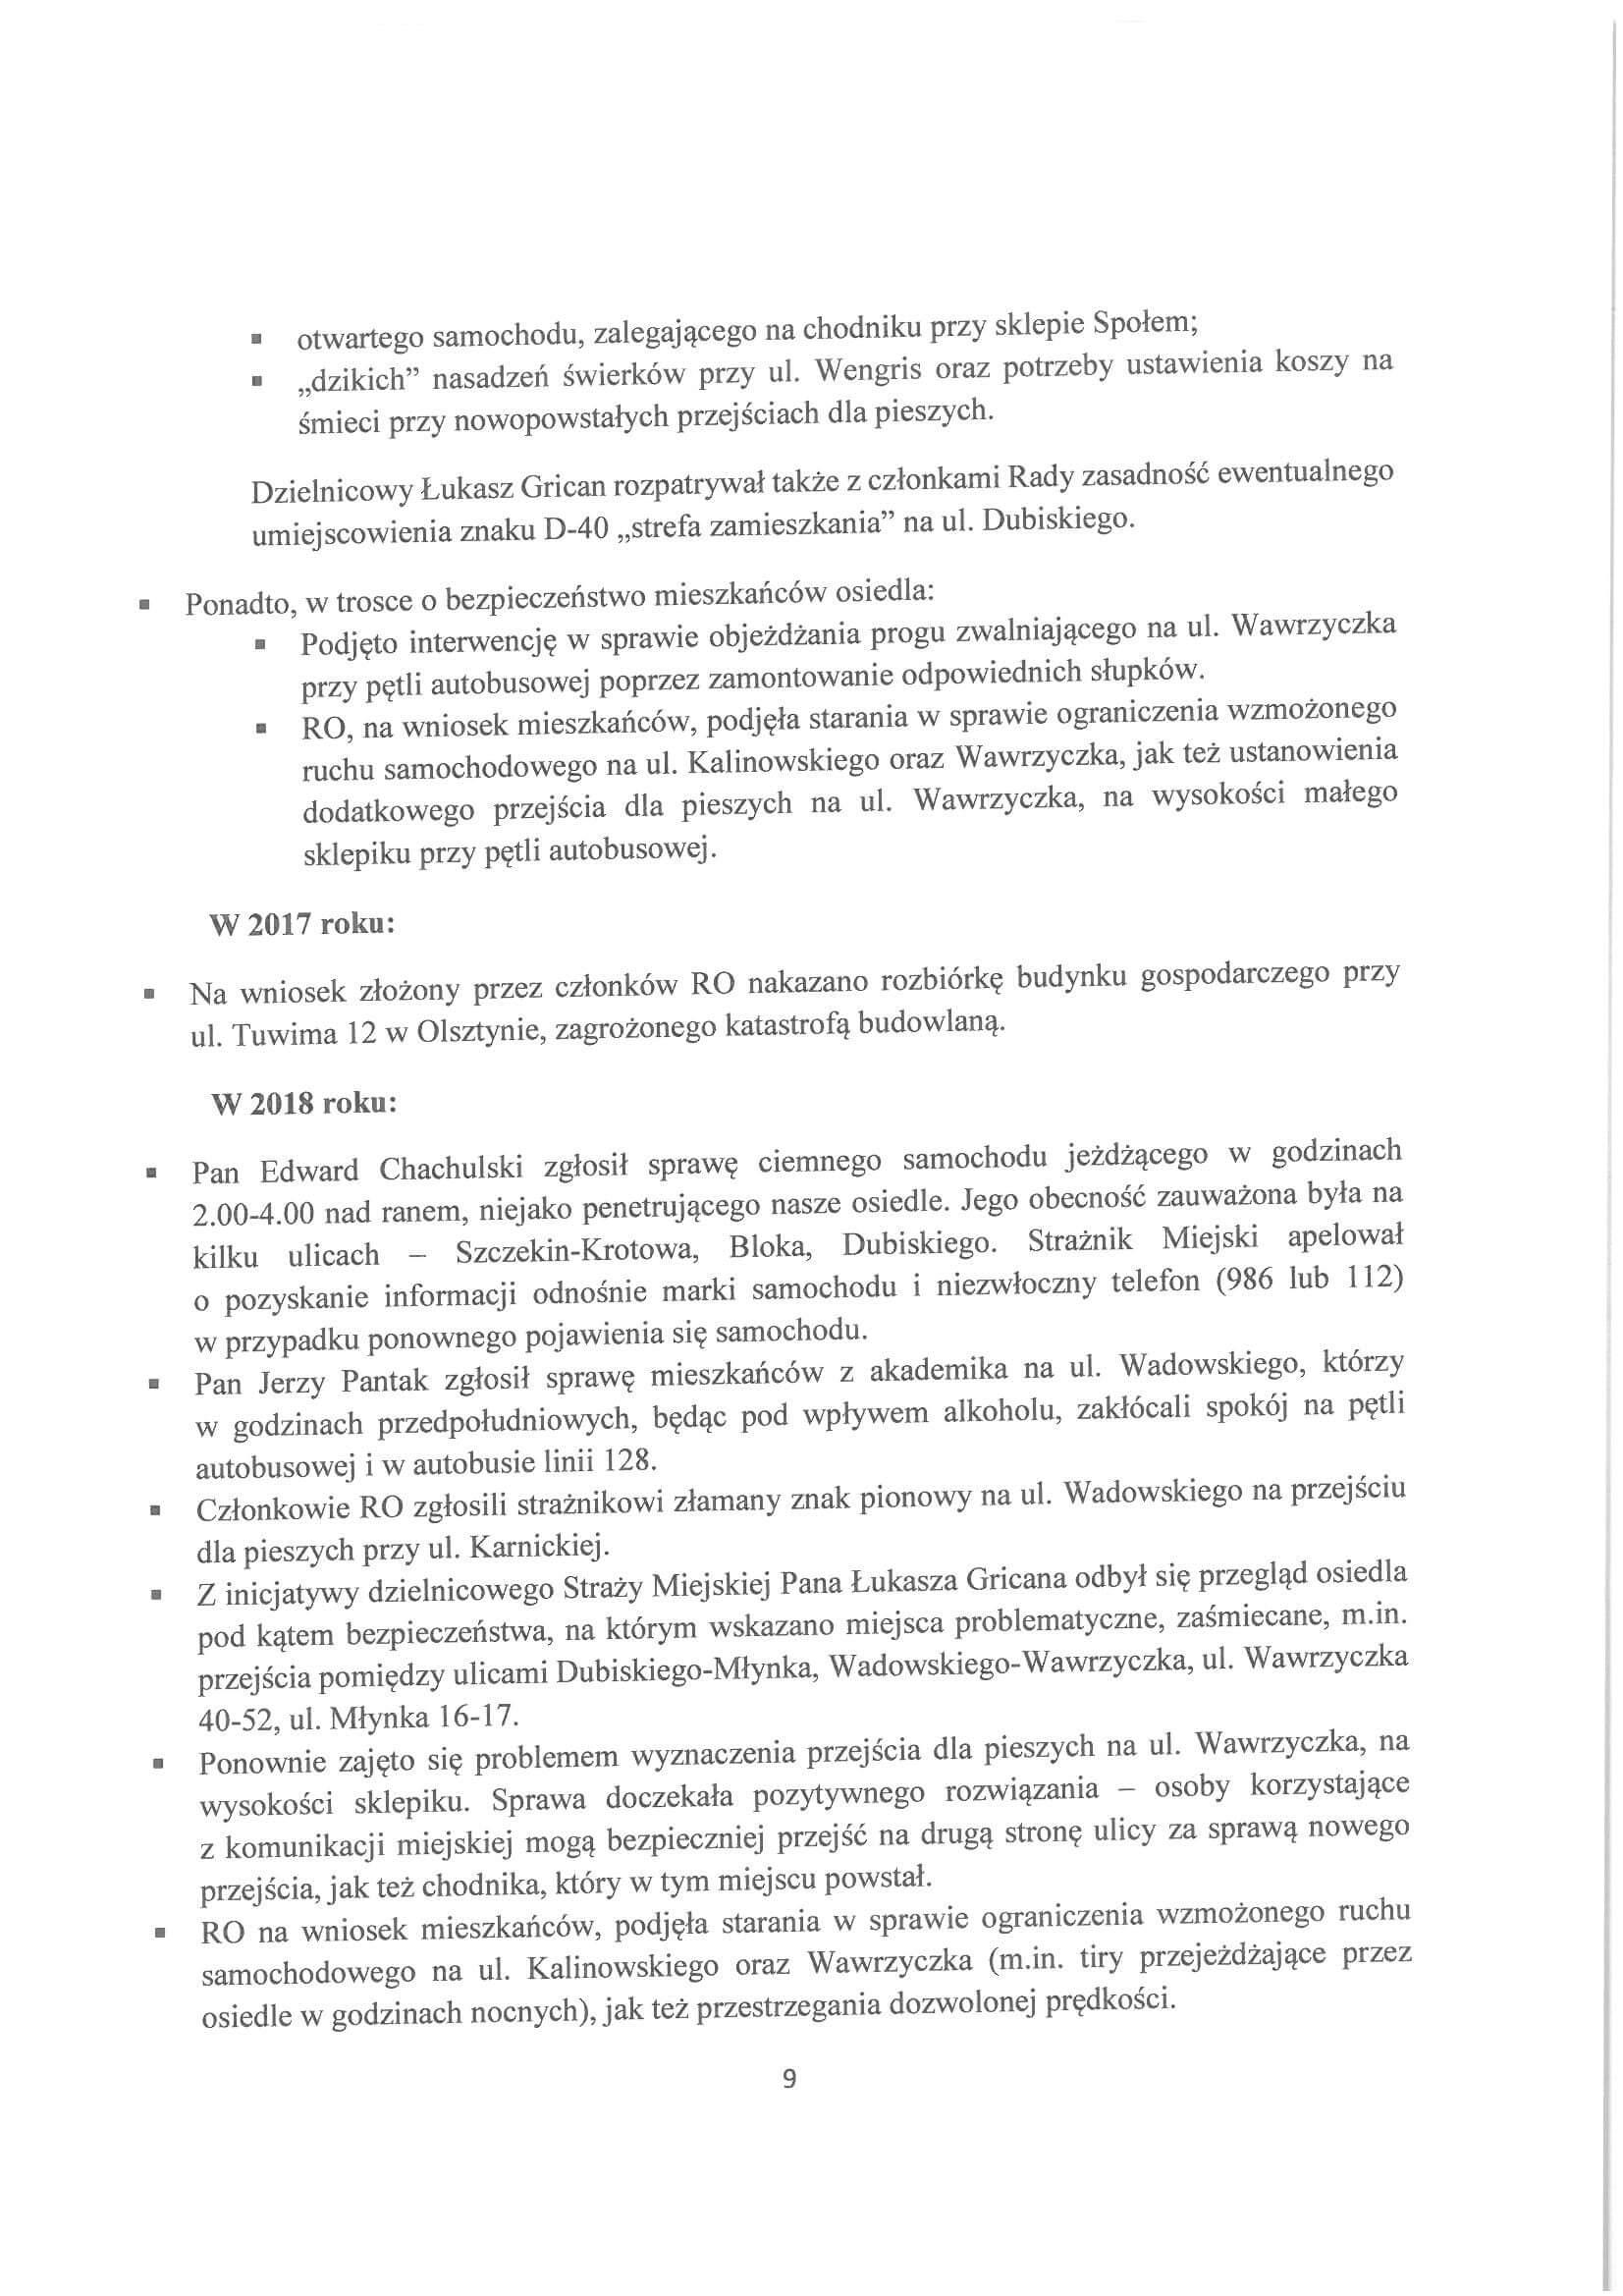 Sprawozdanie z działalności RO w latach 2015-2019-09